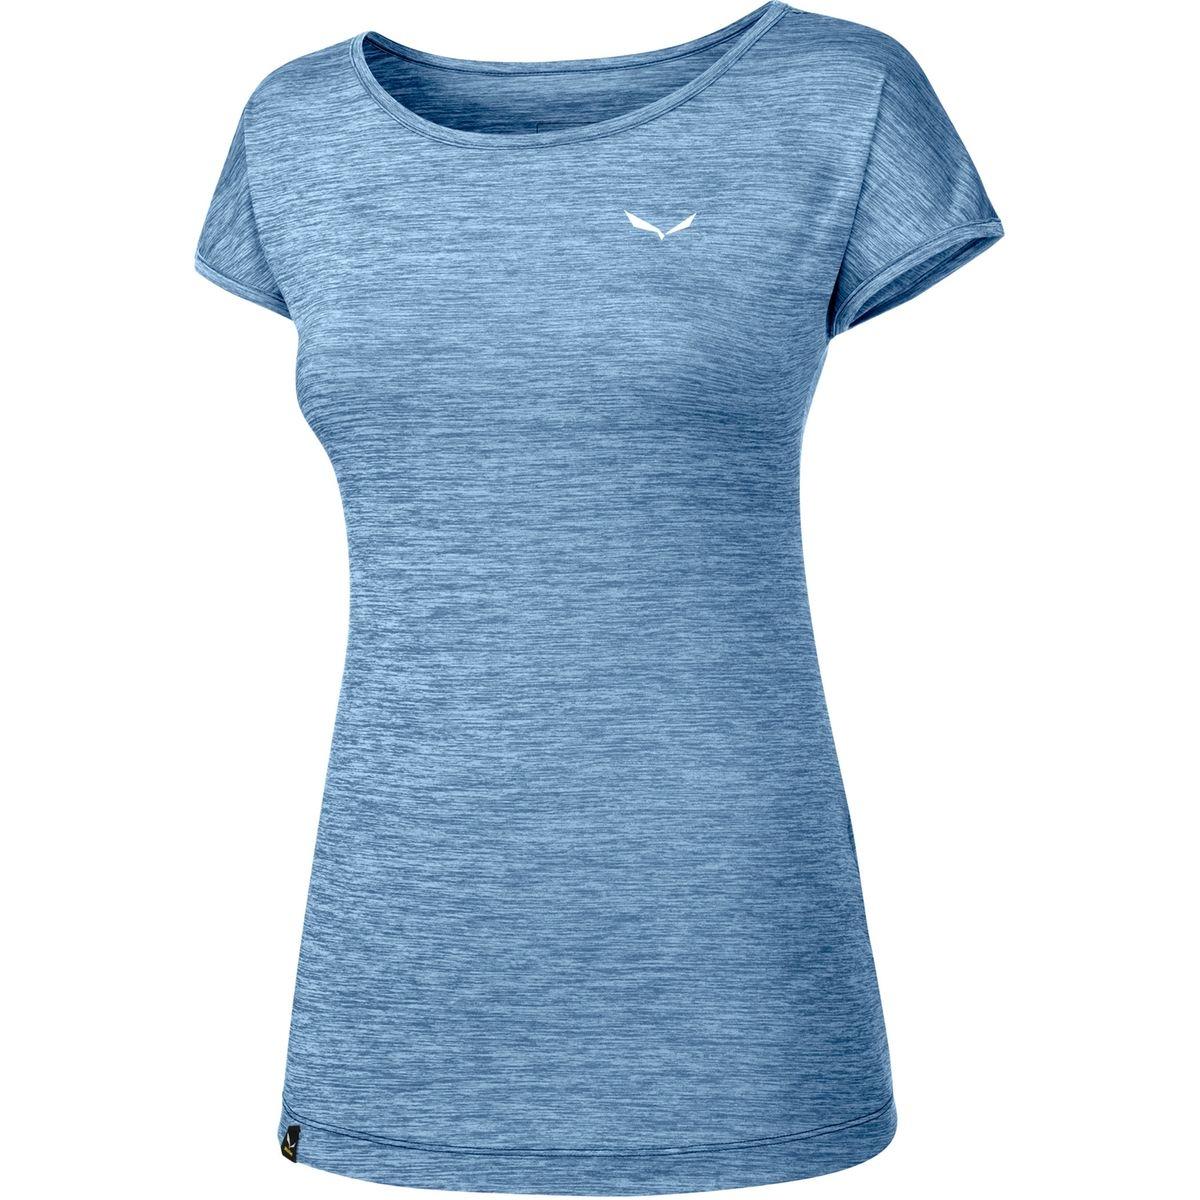 Puez Melange Dry - T-shirt manches courtes Femme - bleu